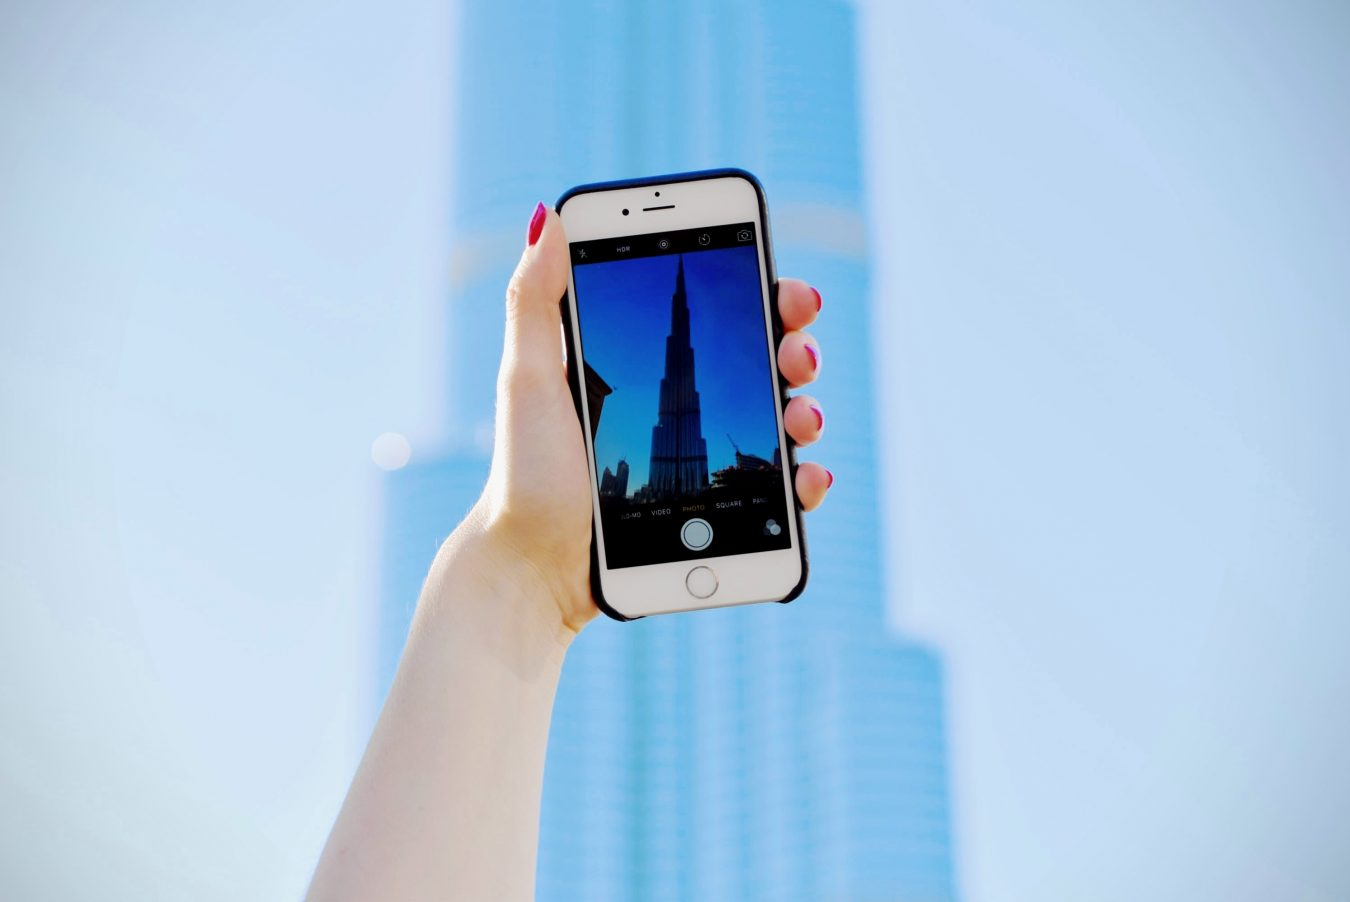 Burj Khalifa through a phone screen